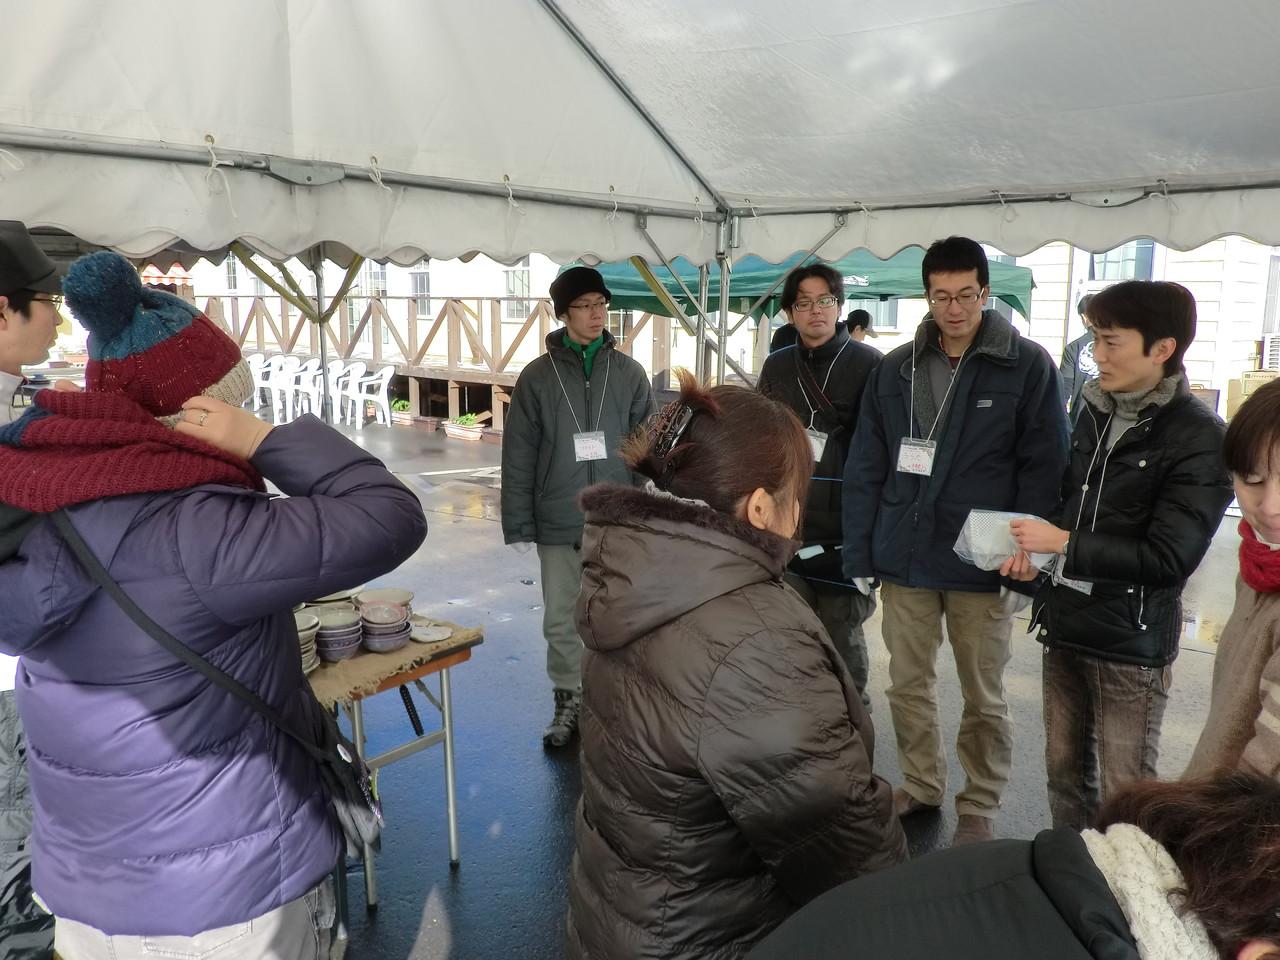 開始前のミーティング、今回は東松島から強力な助っ人が来てくれました